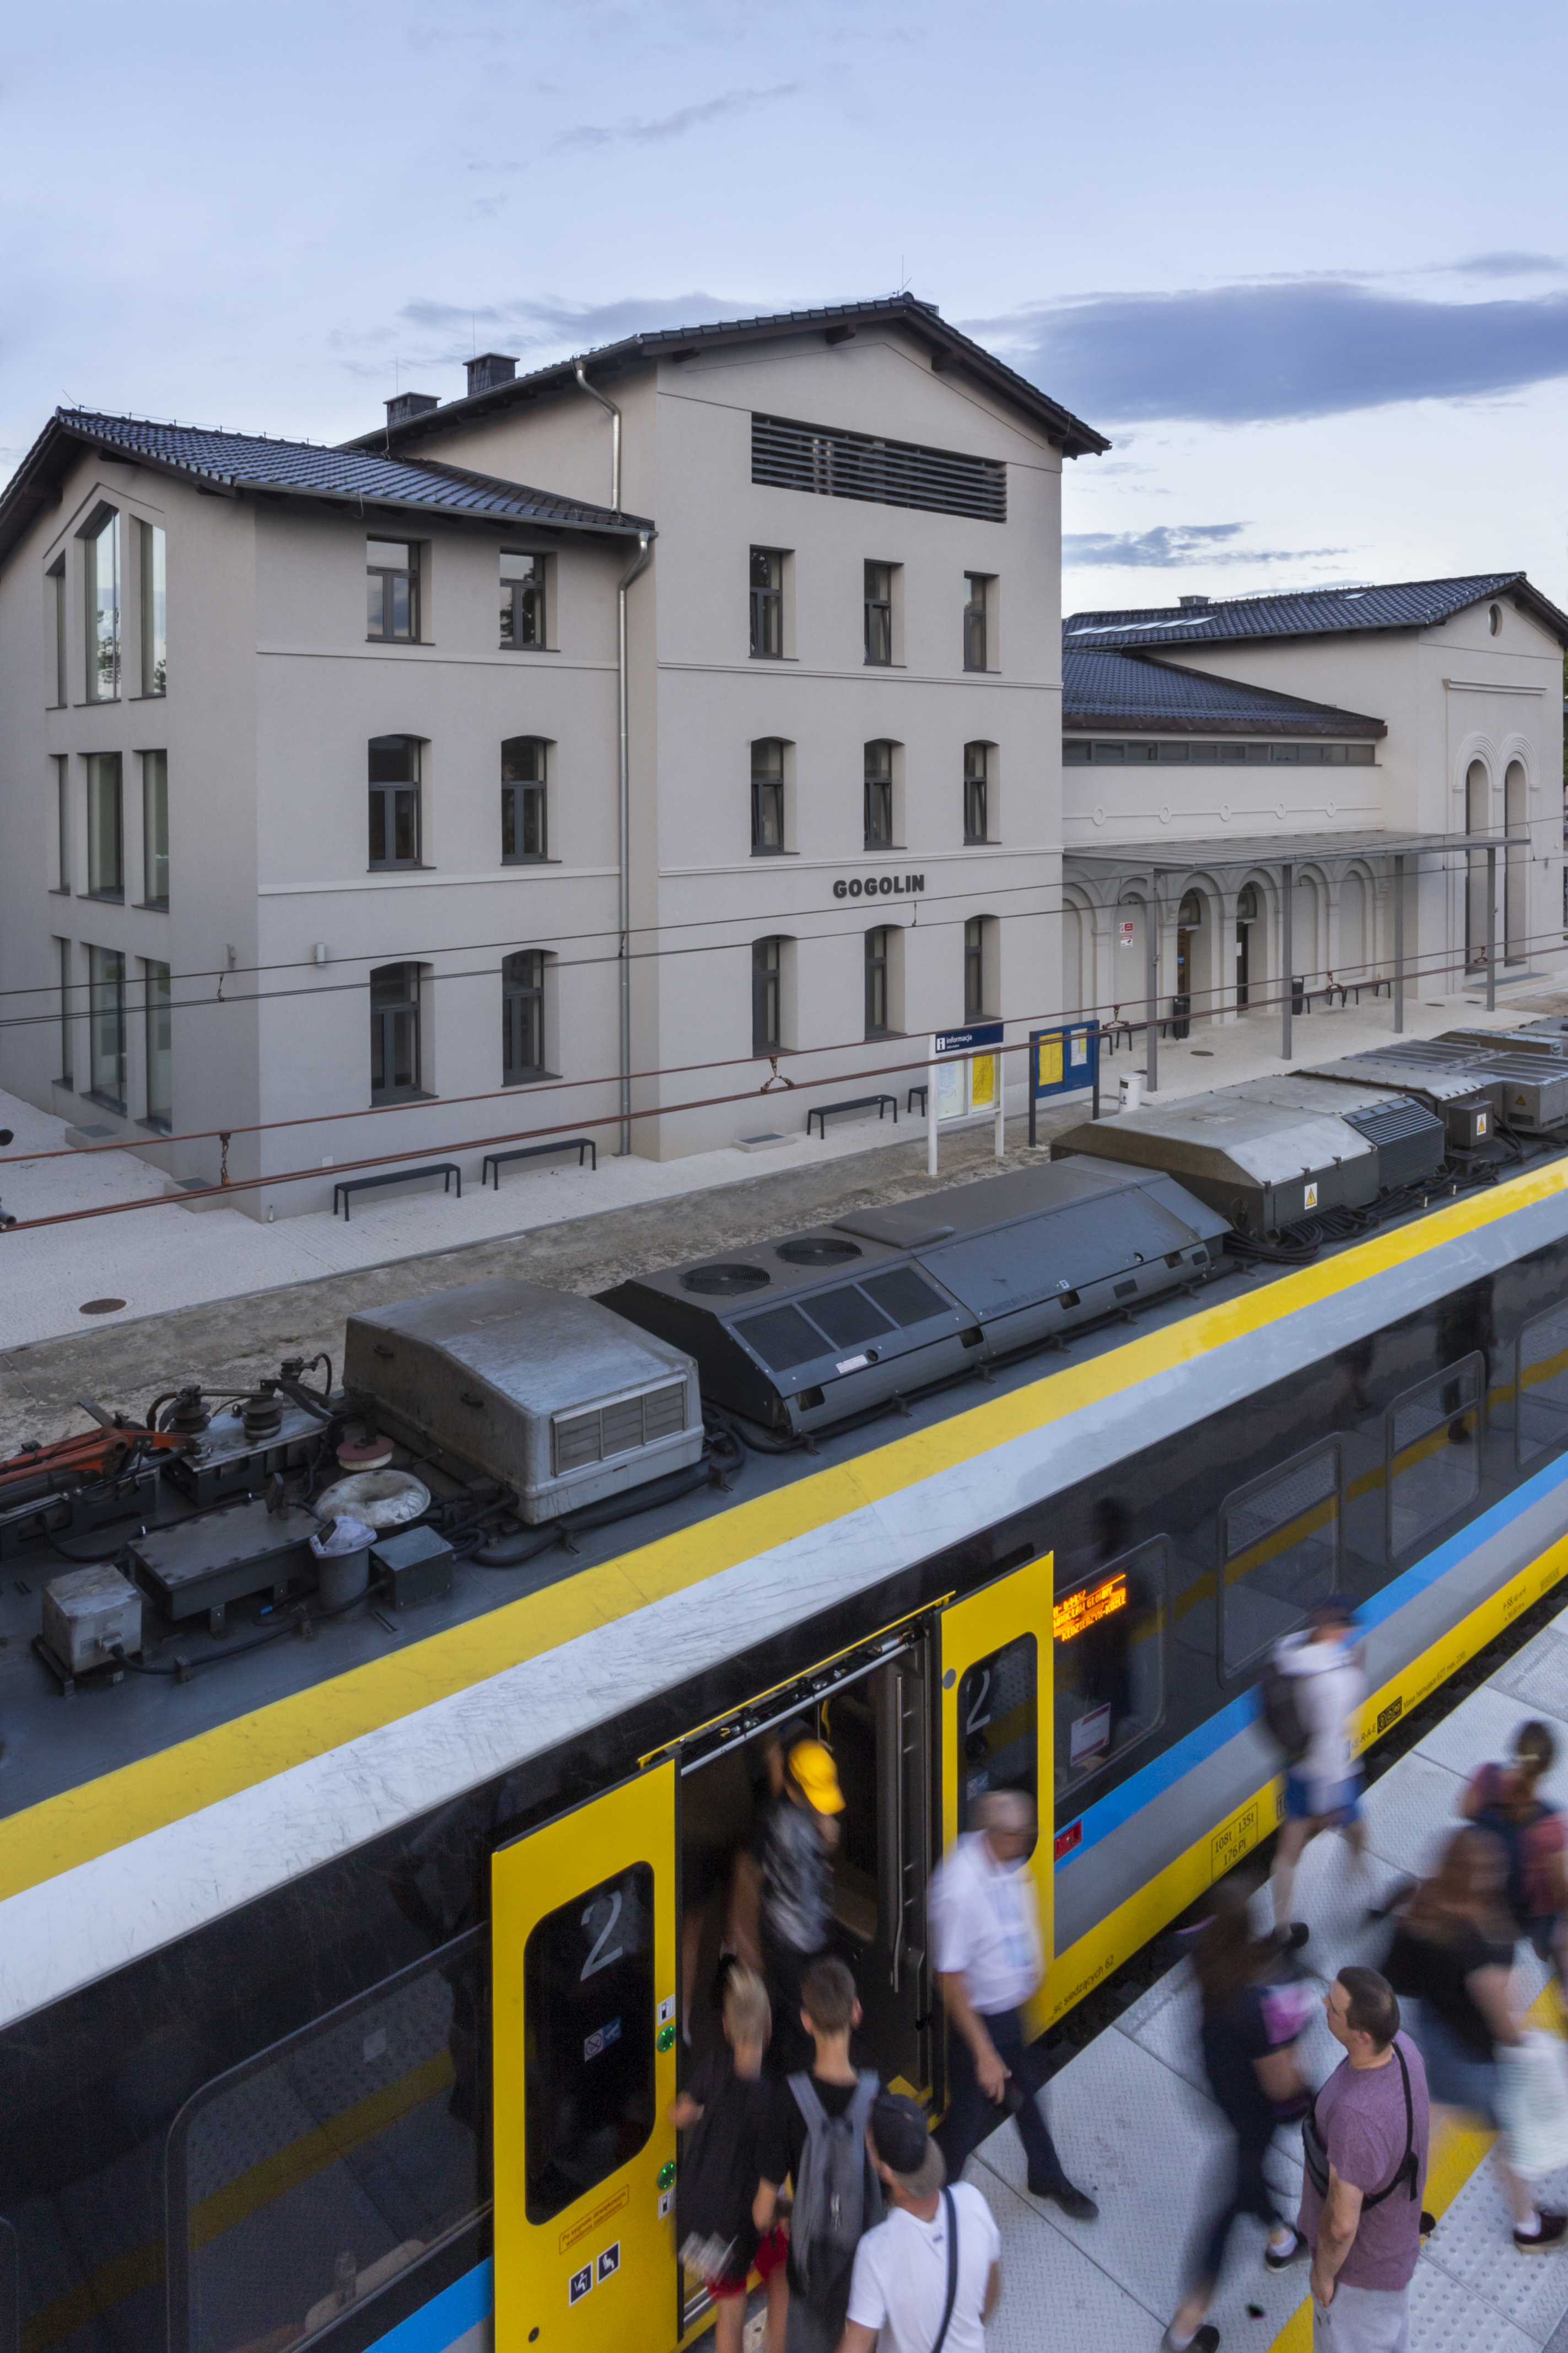 Budynek Centrum przesiadkowego w Gogolinie, widok od strony peronu ze stojącym pociągiem